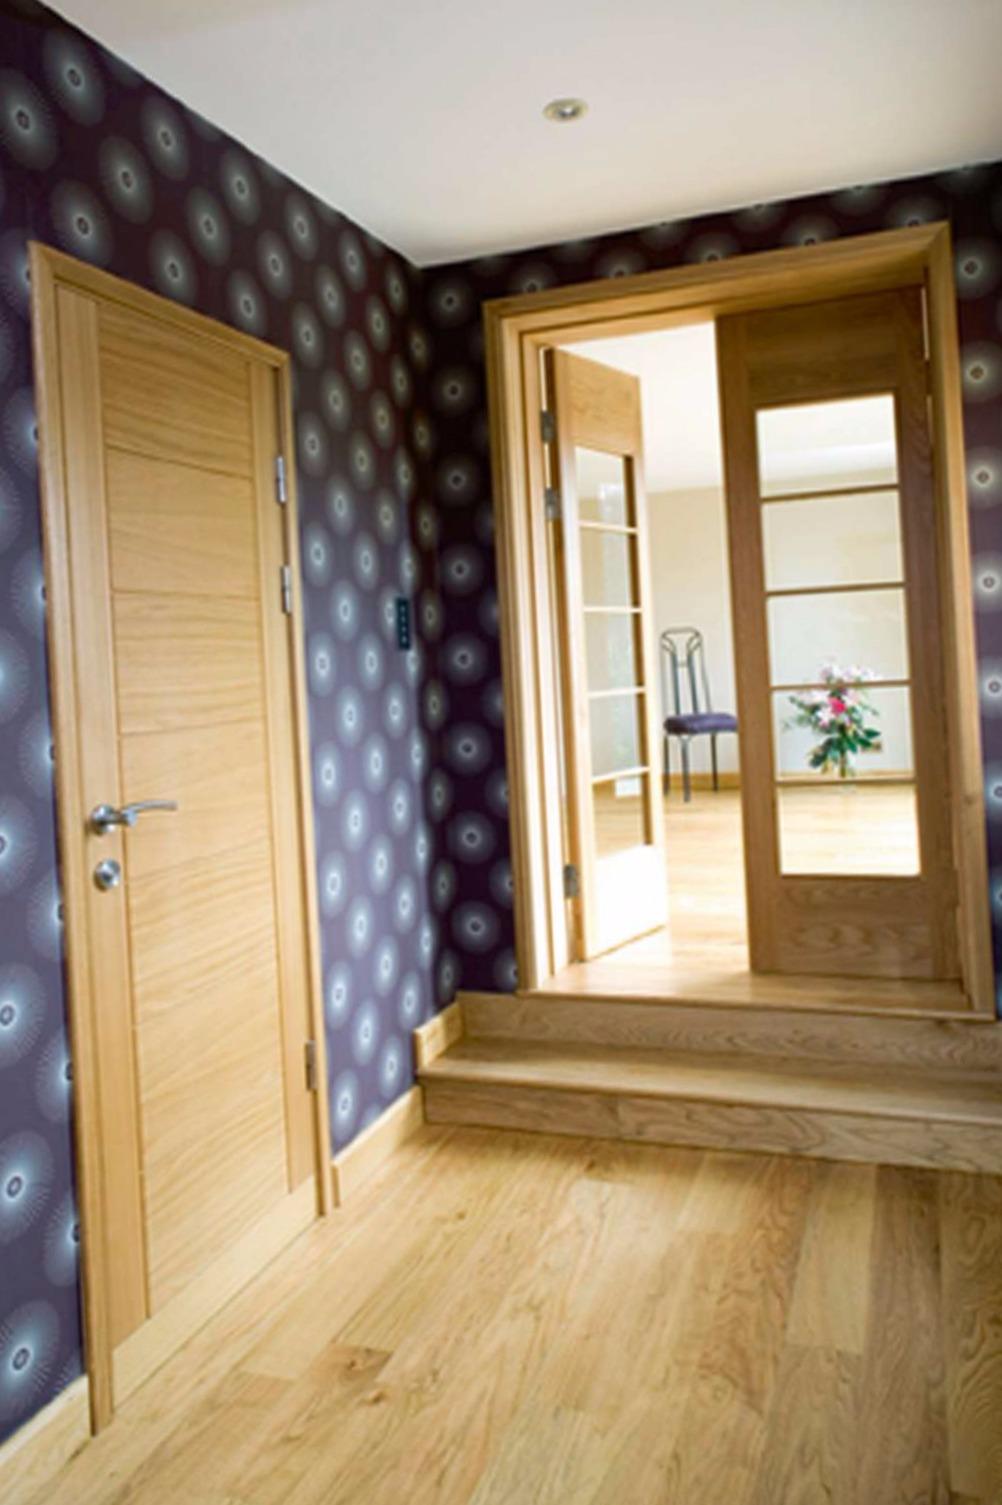 Carpinteros Algorfa cocinas modernas   parquet tarima flotante puertas blindadas y acorazadas muebles vestidores